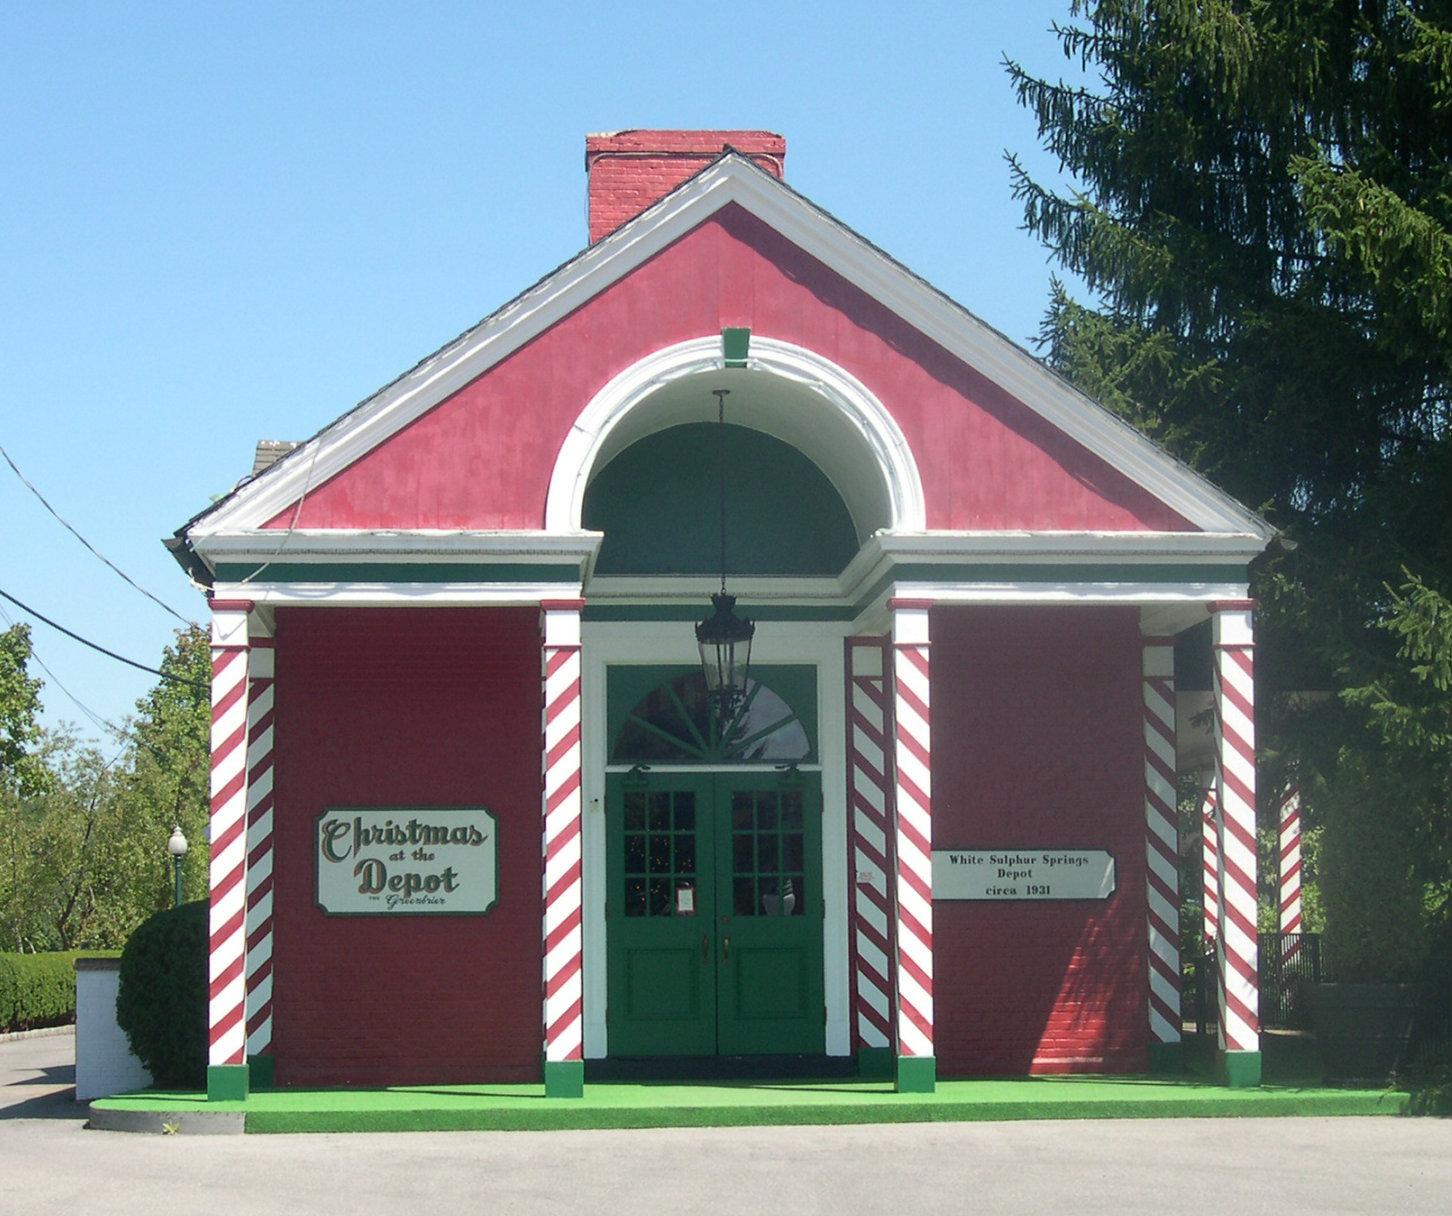 Amstrak Station Christmas Depot, White Sulphur Springs WV 24986